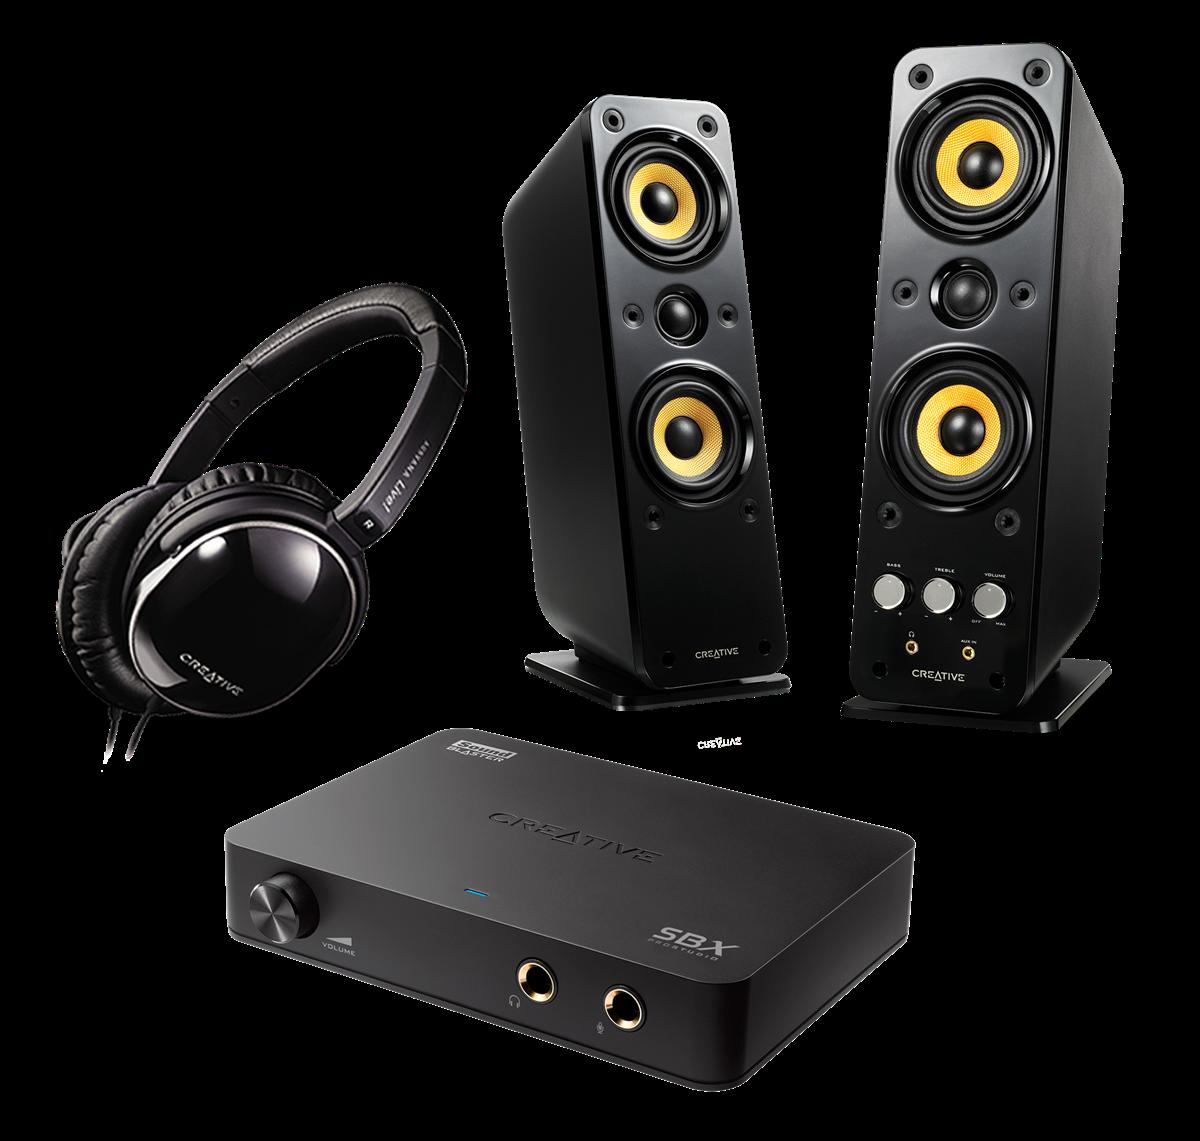 Pubg Pan Png Hd: Sound Blaster X-Fi HD Desktop Bundle